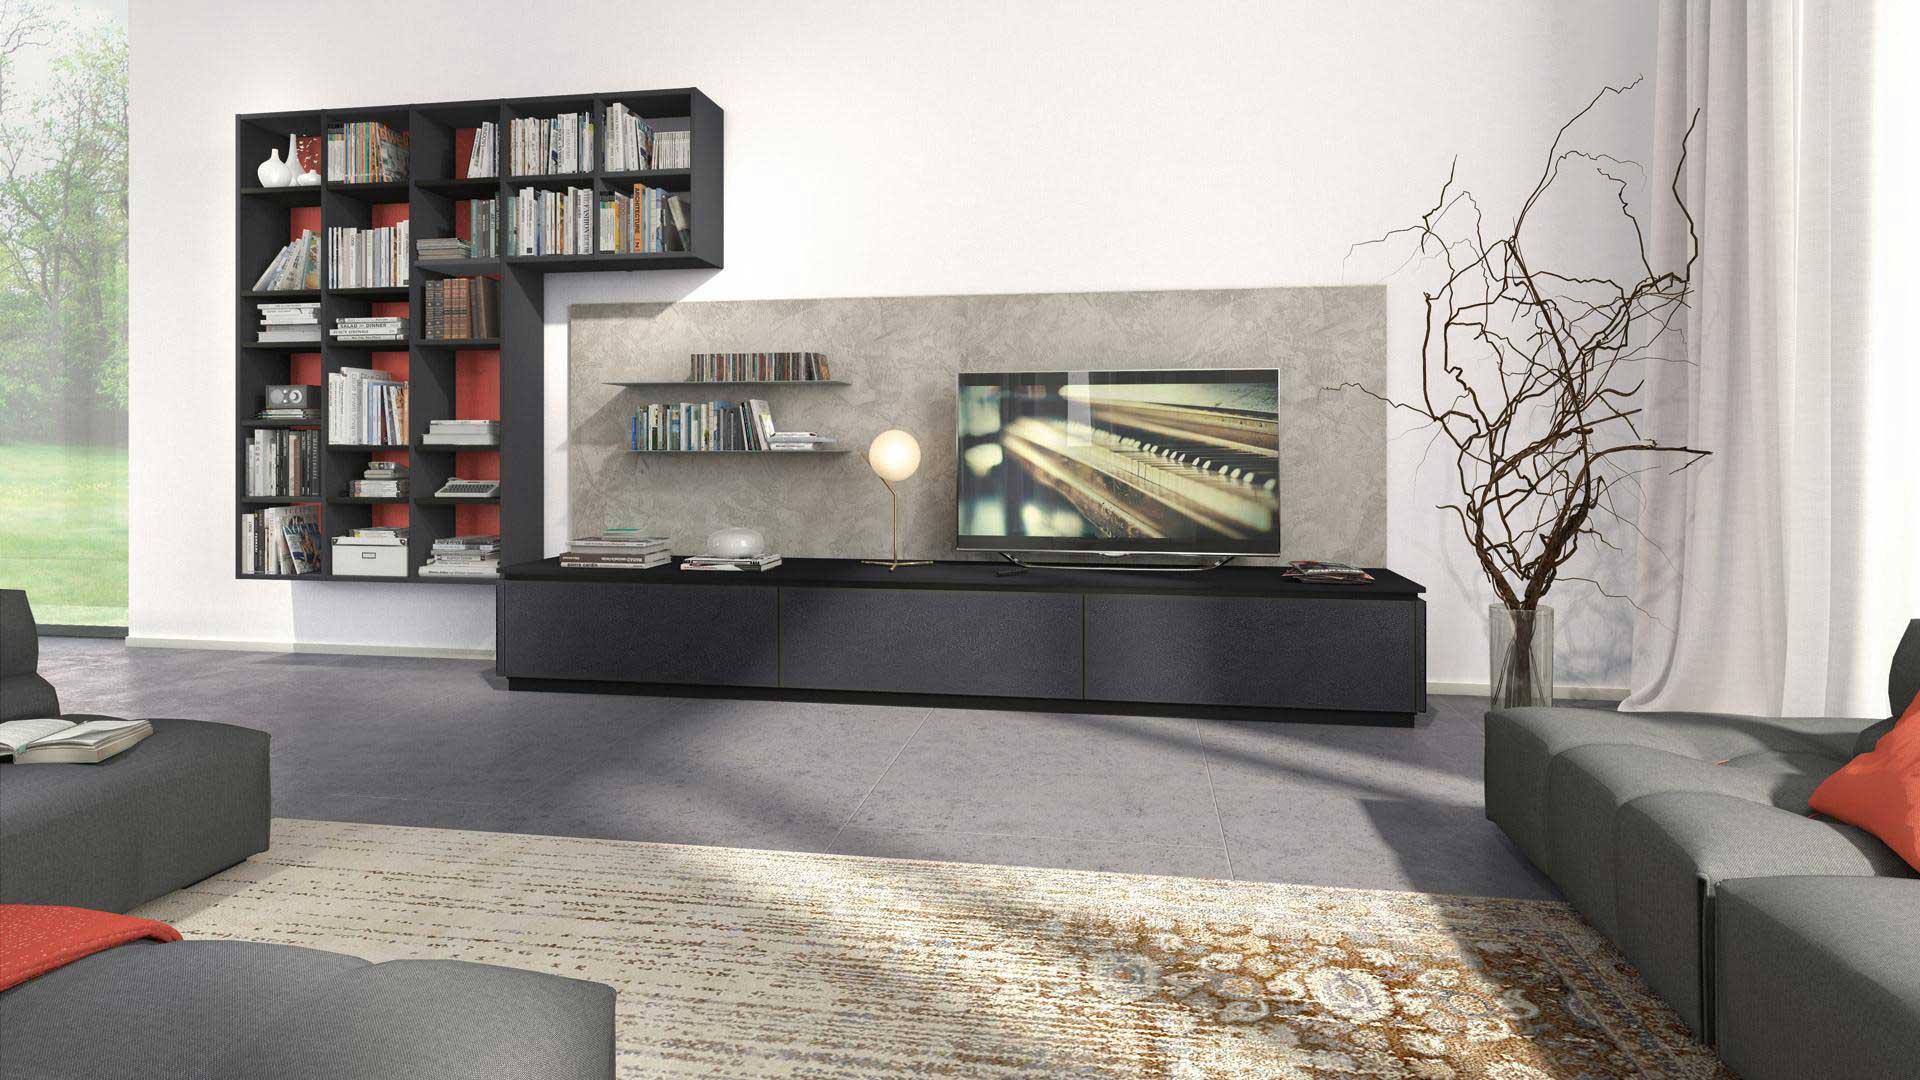 Lube cucina OLTRE design materico  wwwolimparredamentiit